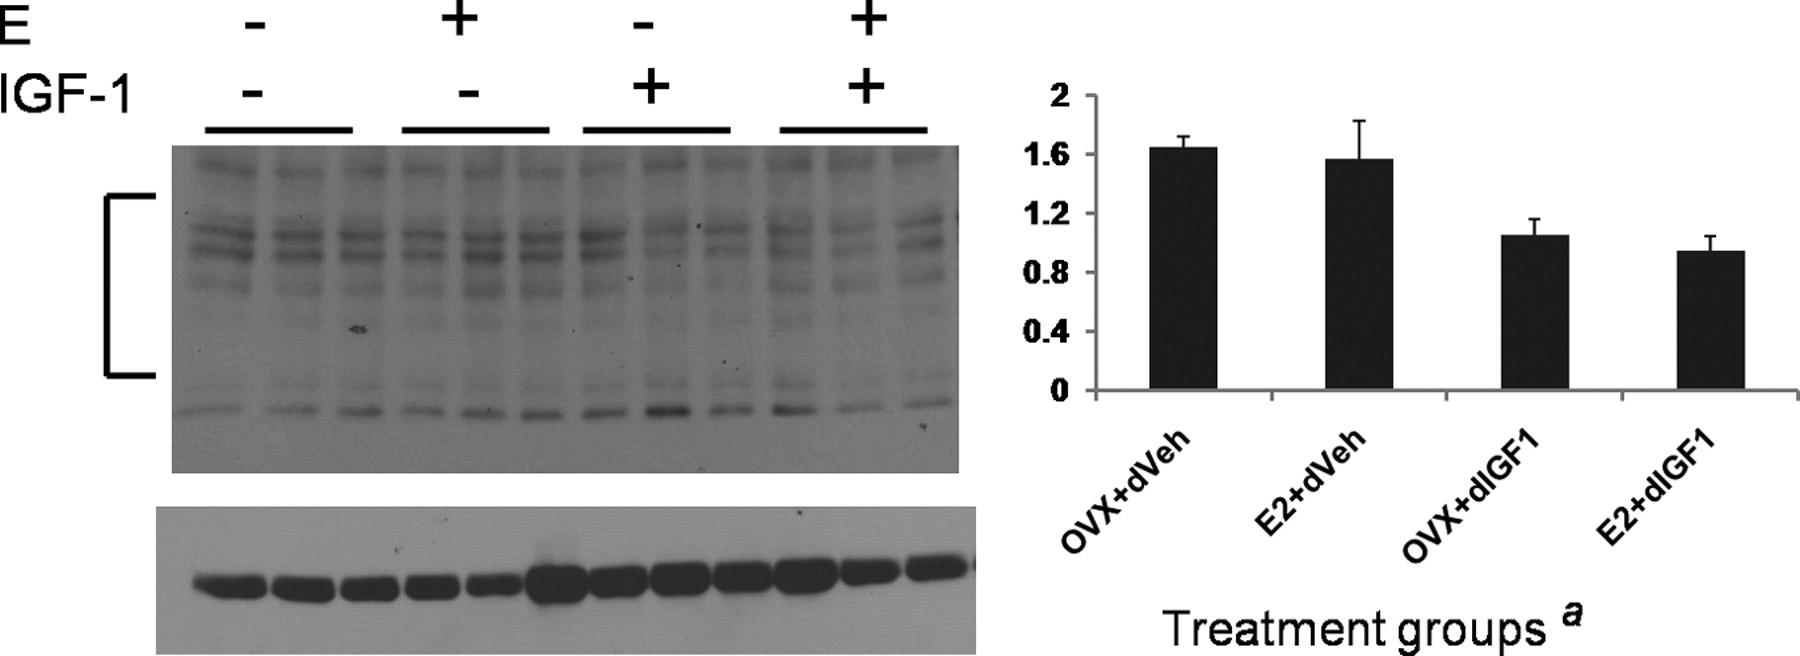 The Neurotoxic Effects of Estrogen on Ischemic Stroke in